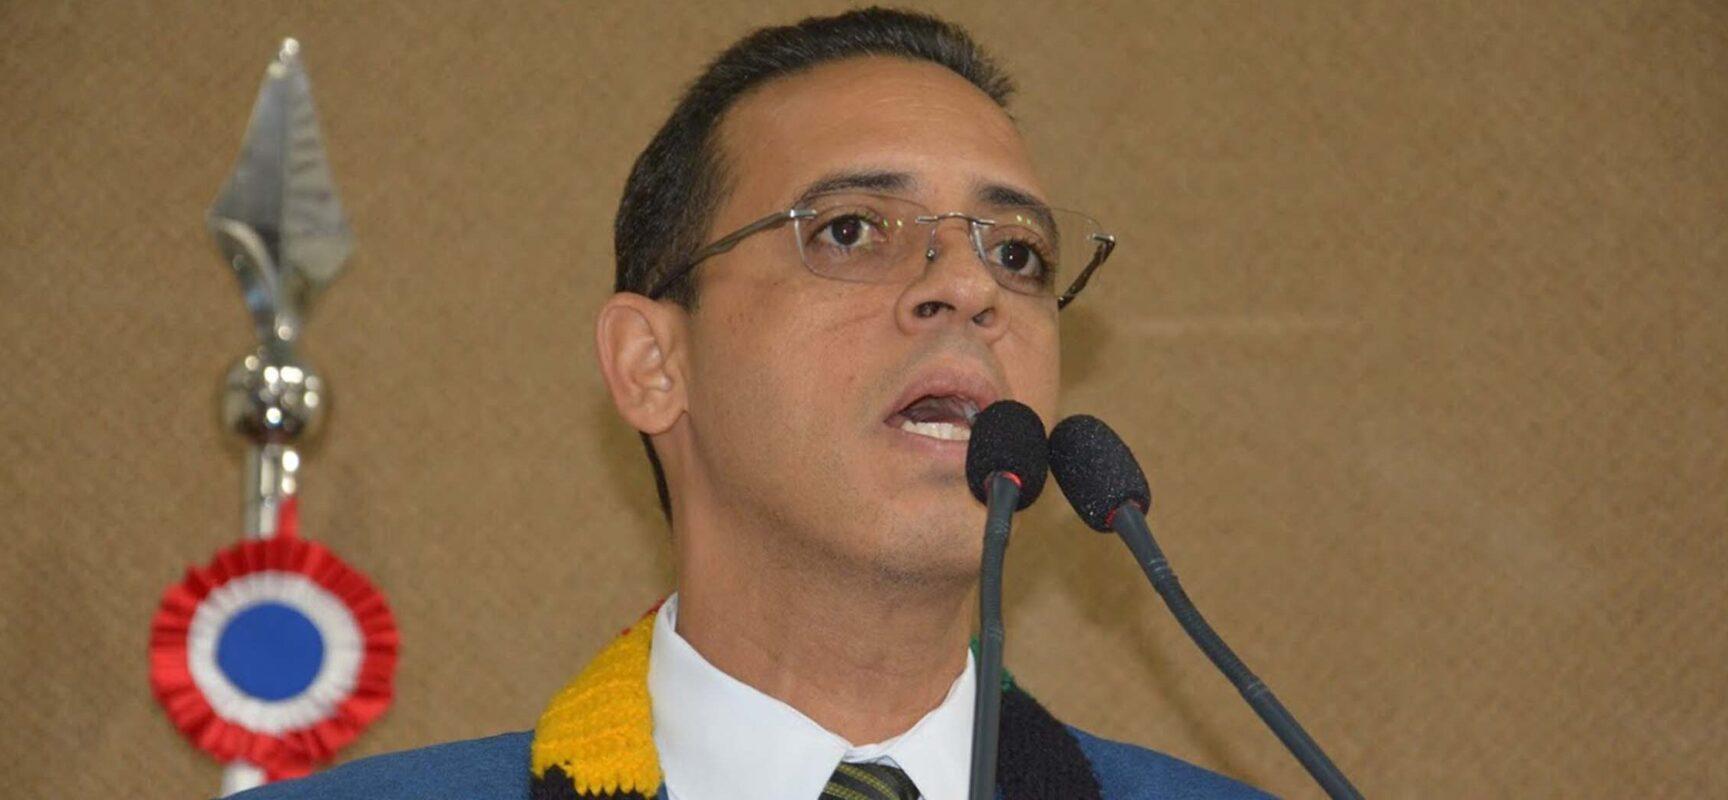 ACM Neto perdeu a língua?, questiona deputado Hilton Coelho